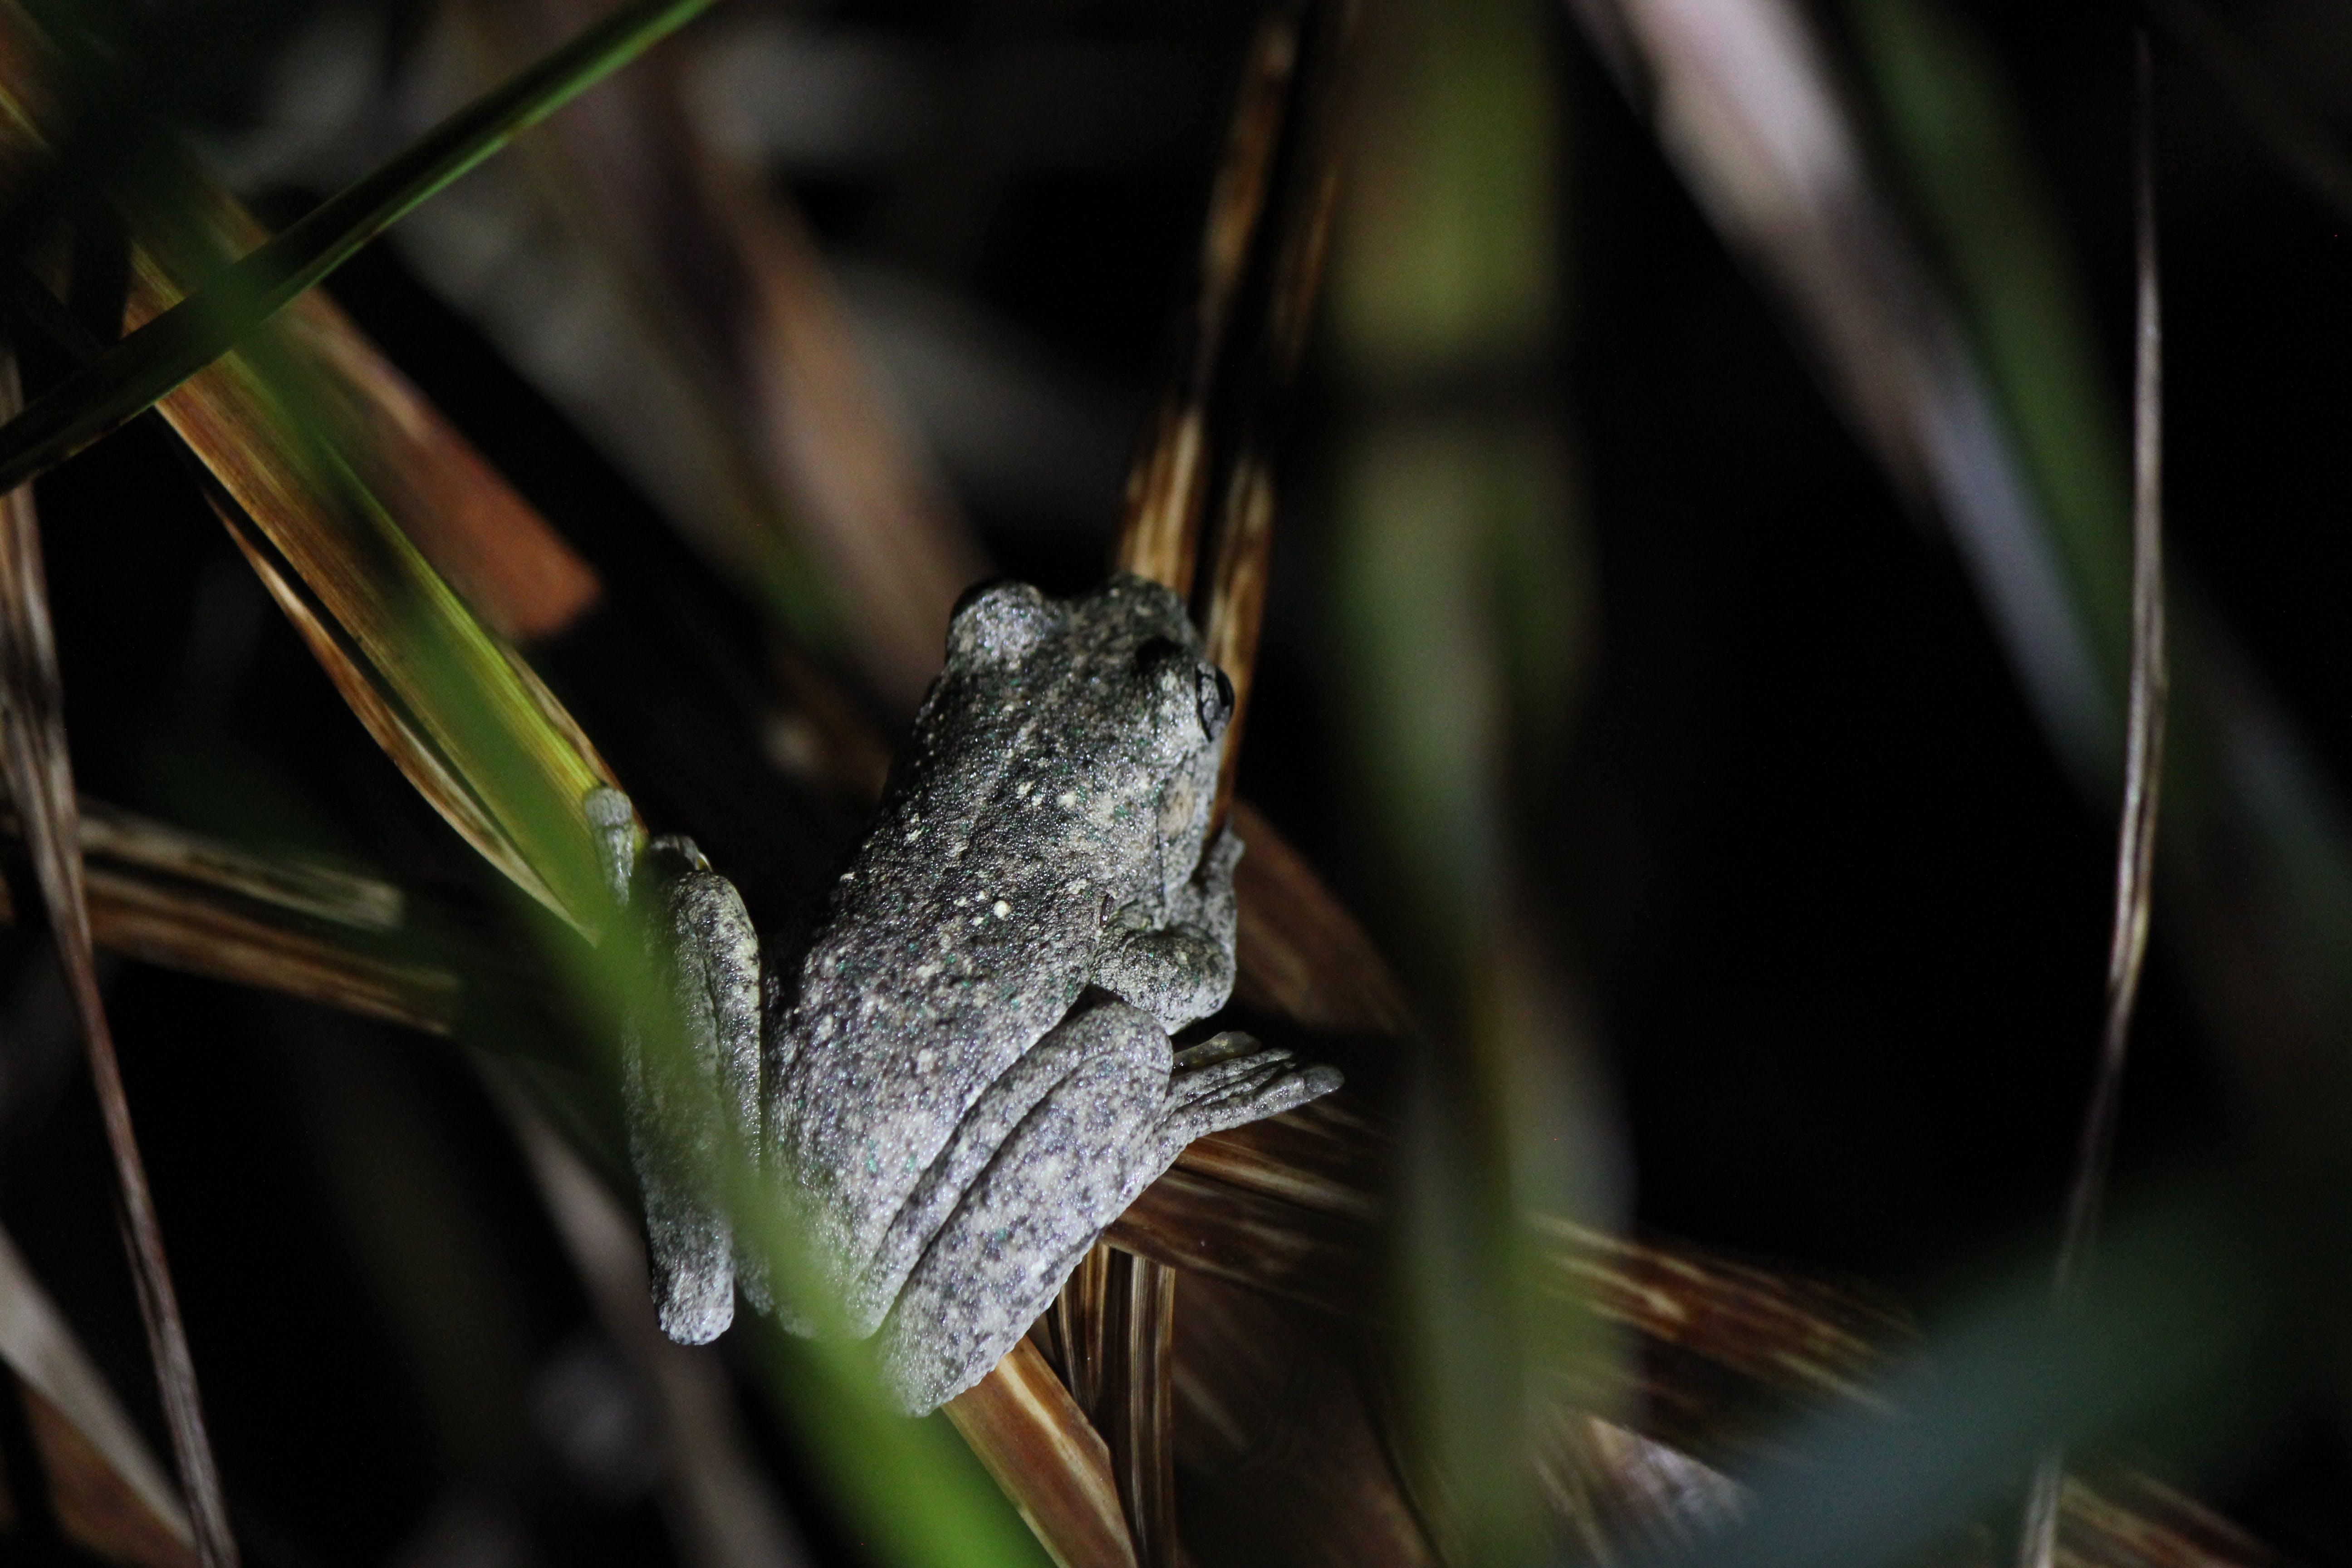 Peron's Tree Frog (Litoria peronii)